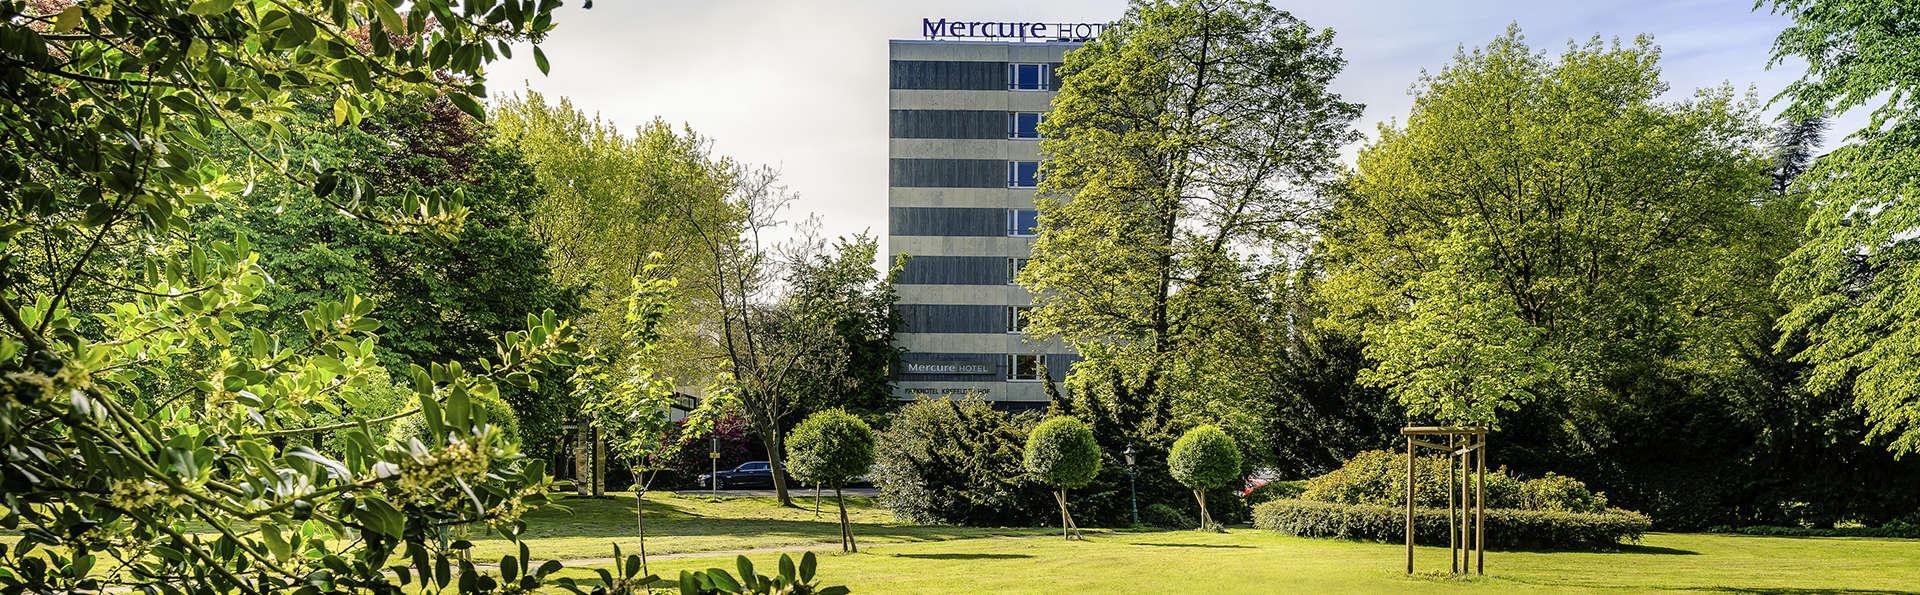 Mercure Parkhotel Krefelder Hof - EDIT_ext3.jpg